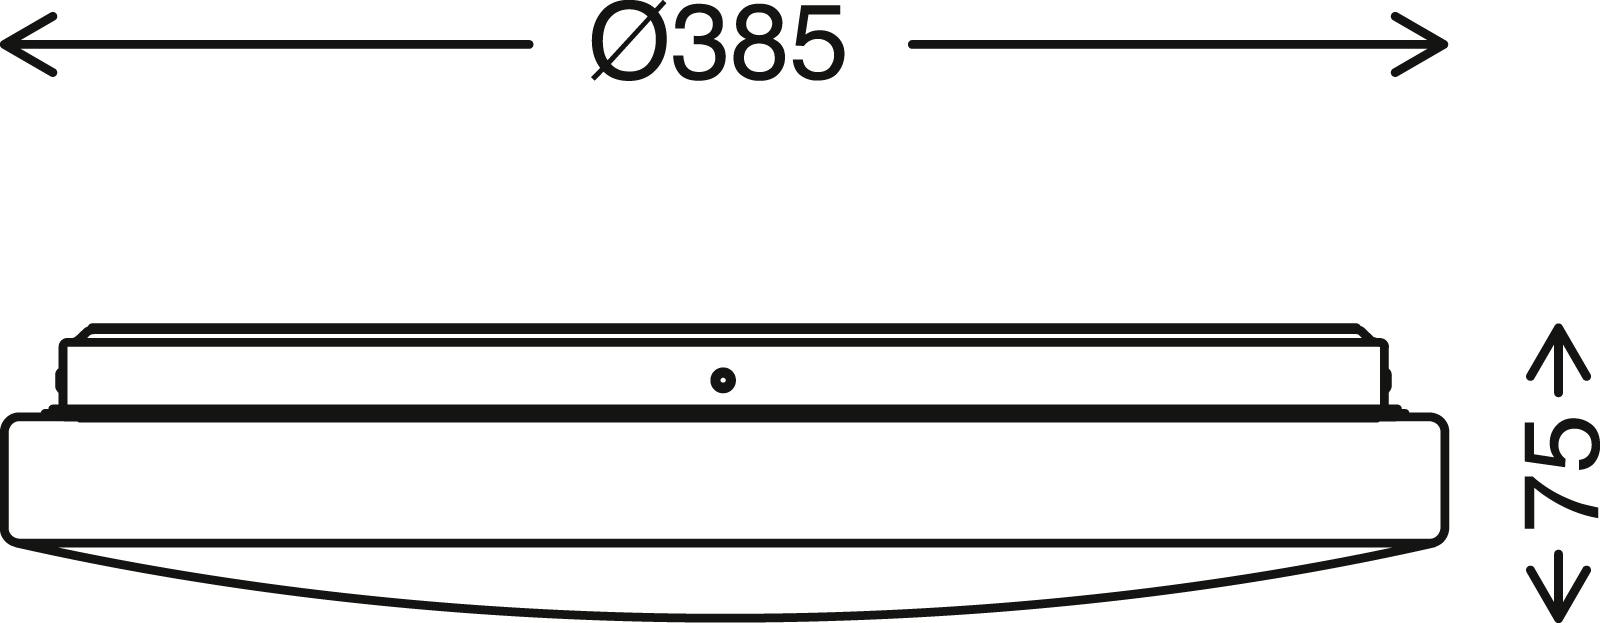 Sternenhimmel LED Deckenleuchte, Ø 38,5 cm, 18 W, Weiss